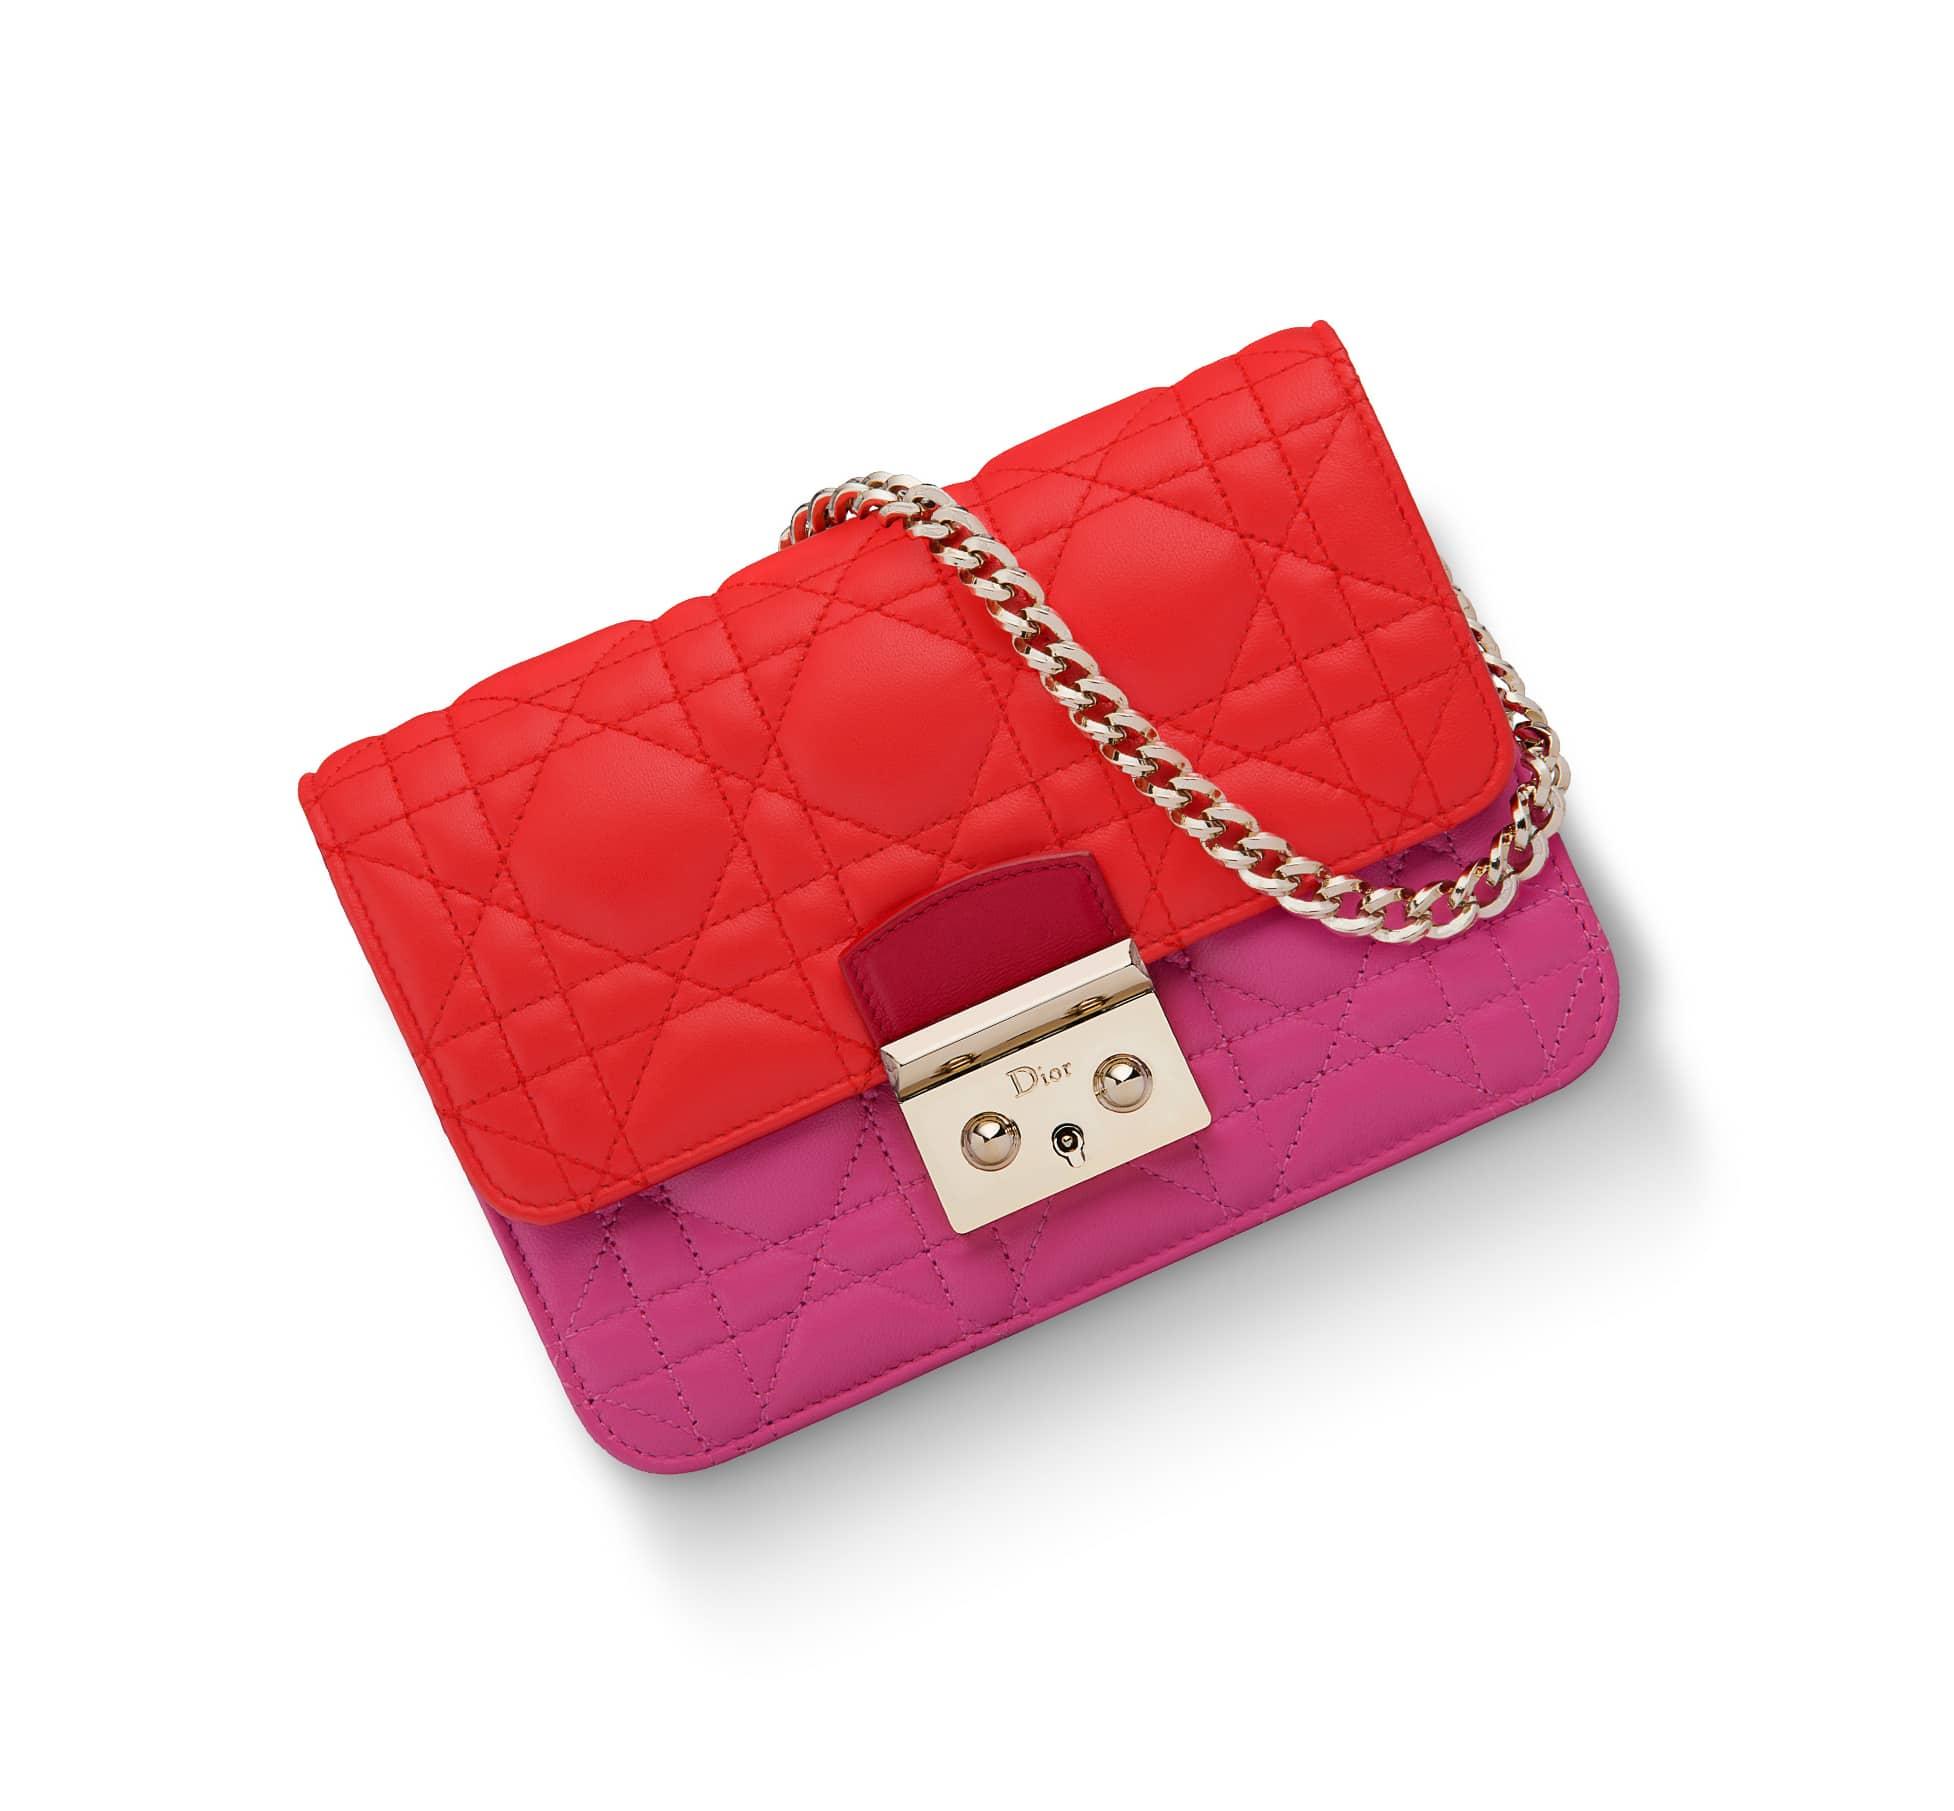 e356d47ab54e Dior Red Papaya Tea Rose Miss Dior Mini Promenade Pouch Bag - Spring 2015